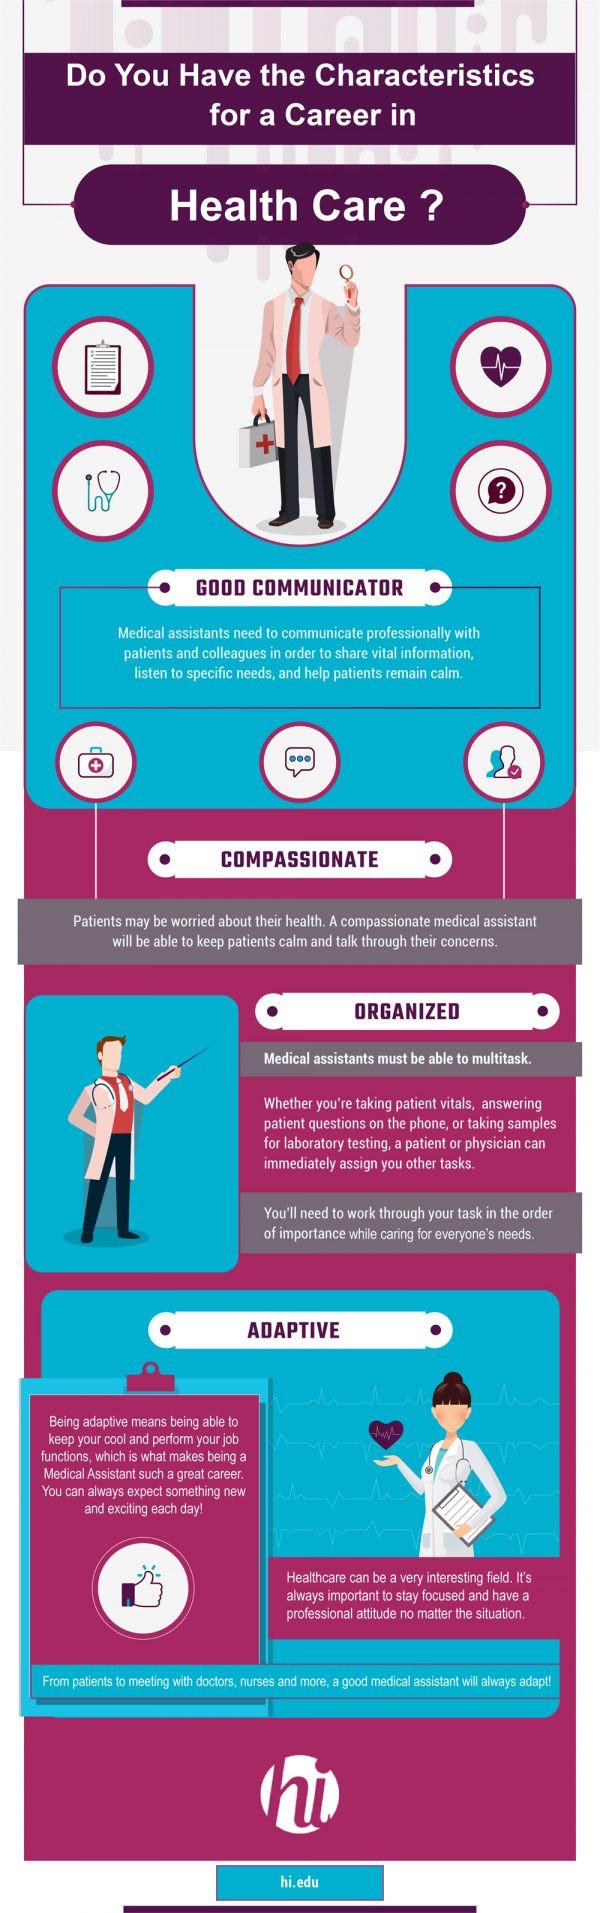 Characteristics-of-a-Good-Medical-Assistant